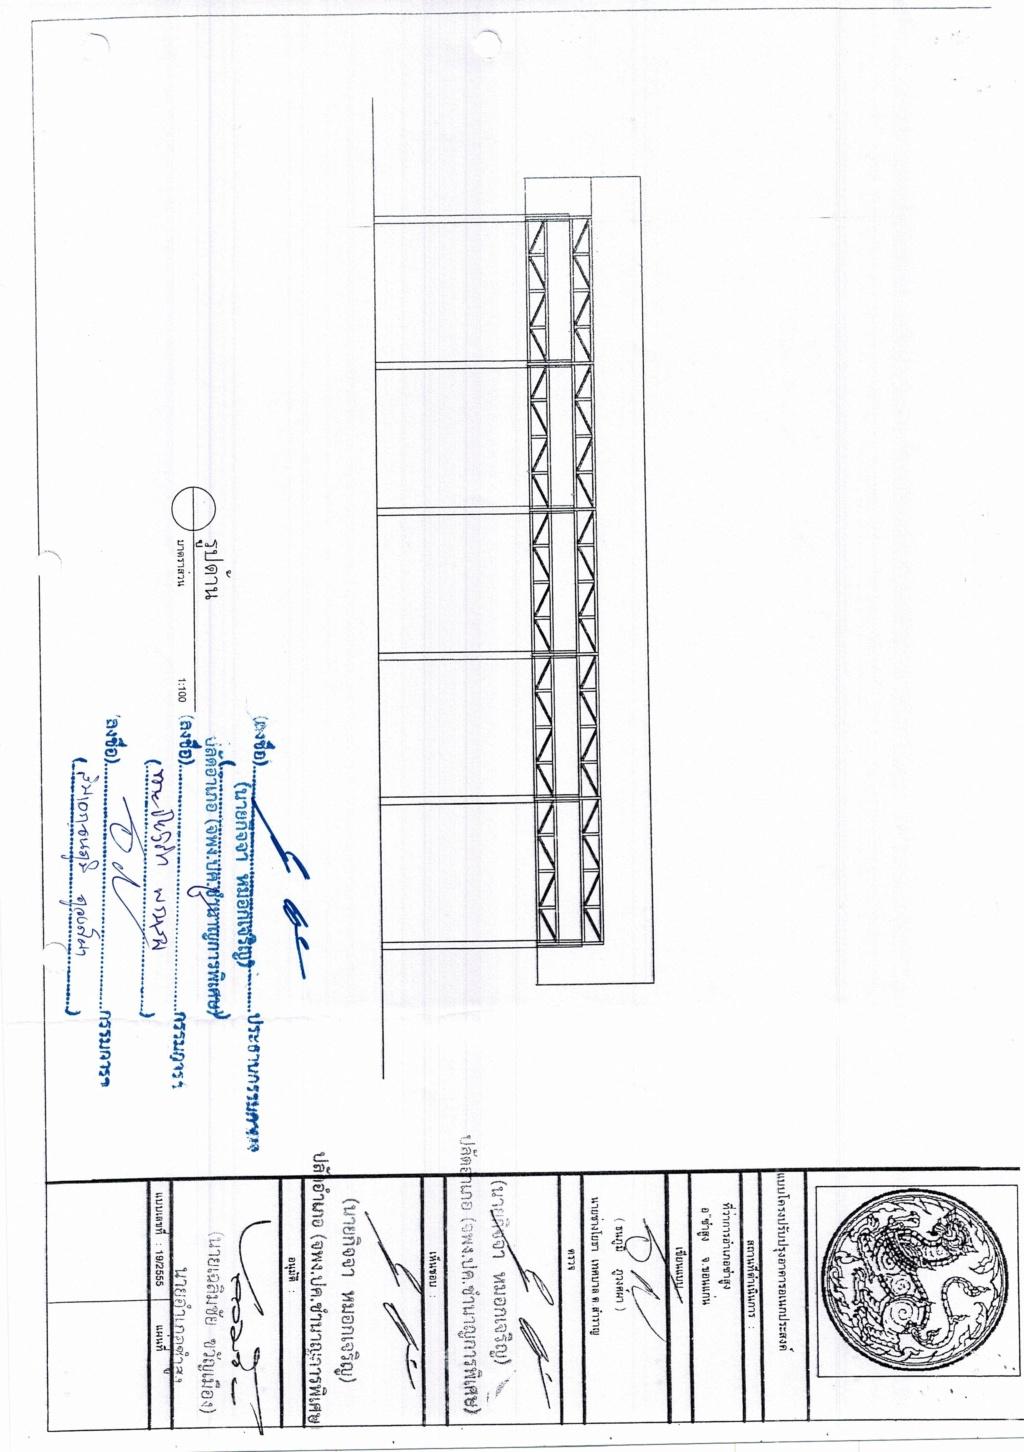 โครงการปรับปรุงอาคารหอประชุม อำเภอซำสูง จังหวัดขอนแก่น ประจำปีงบประมาณ 2563   Cci_0025